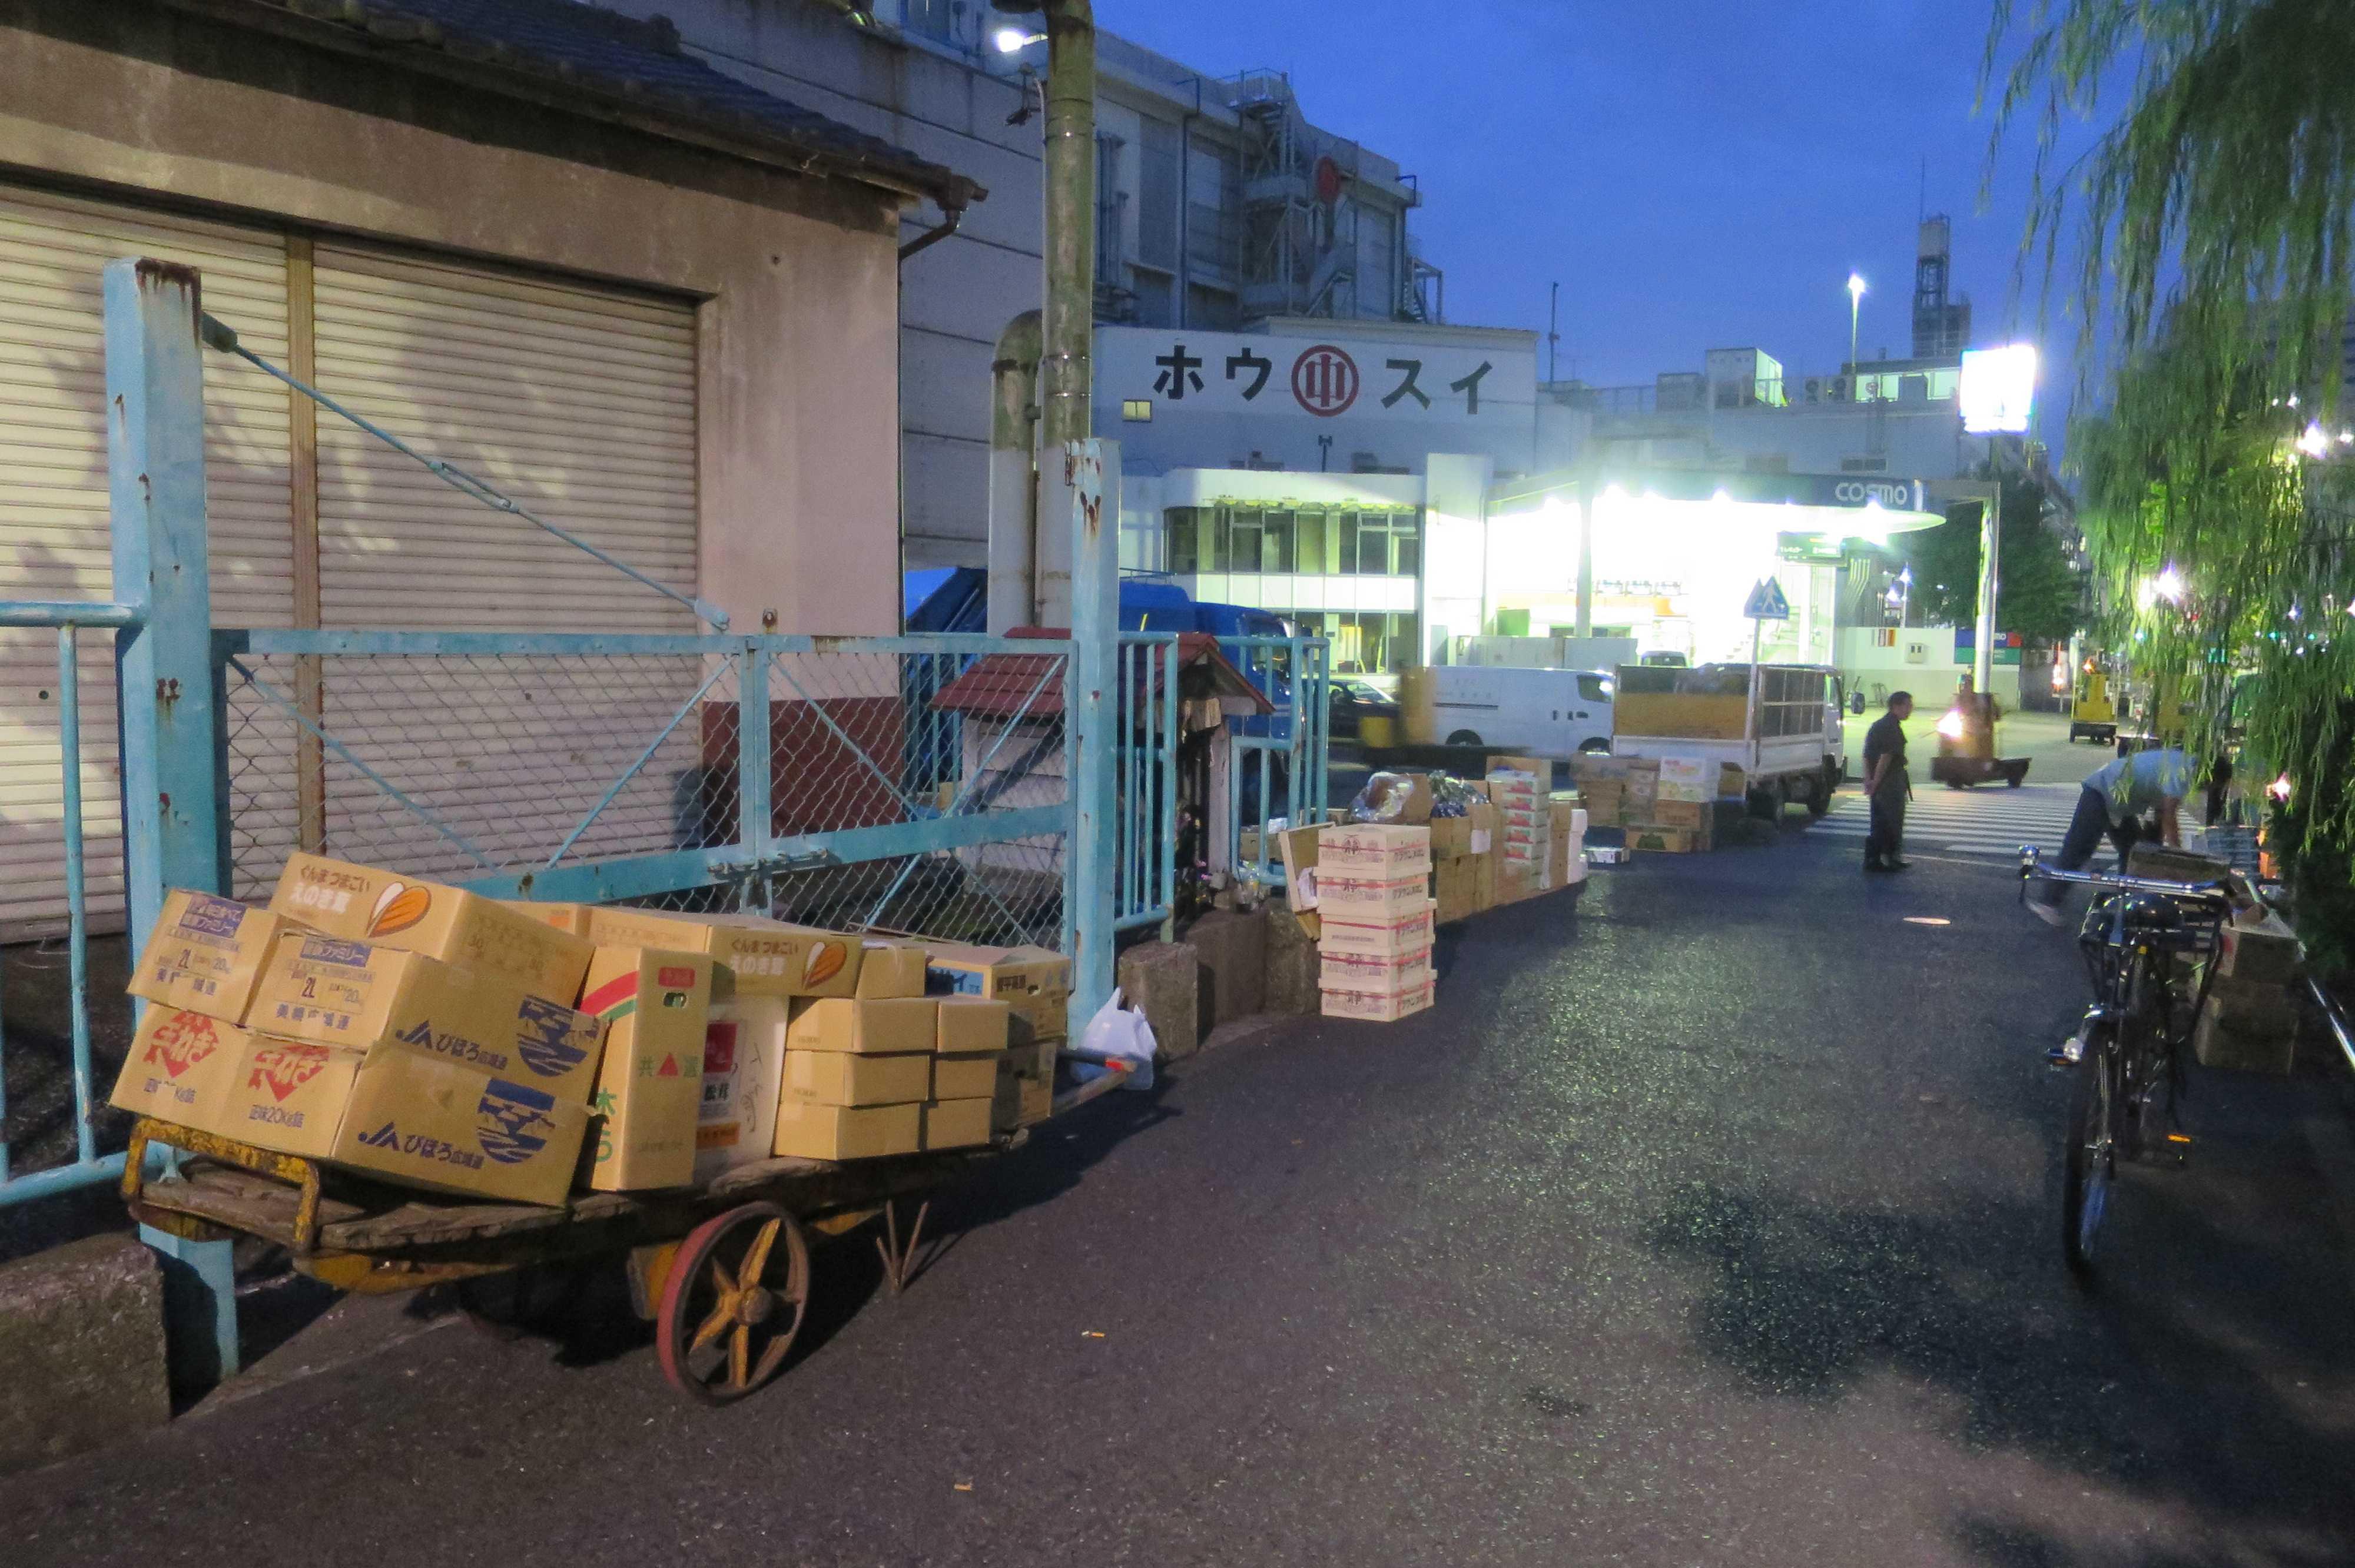 築地場外市場 - リヤカーに積まれた野菜たち